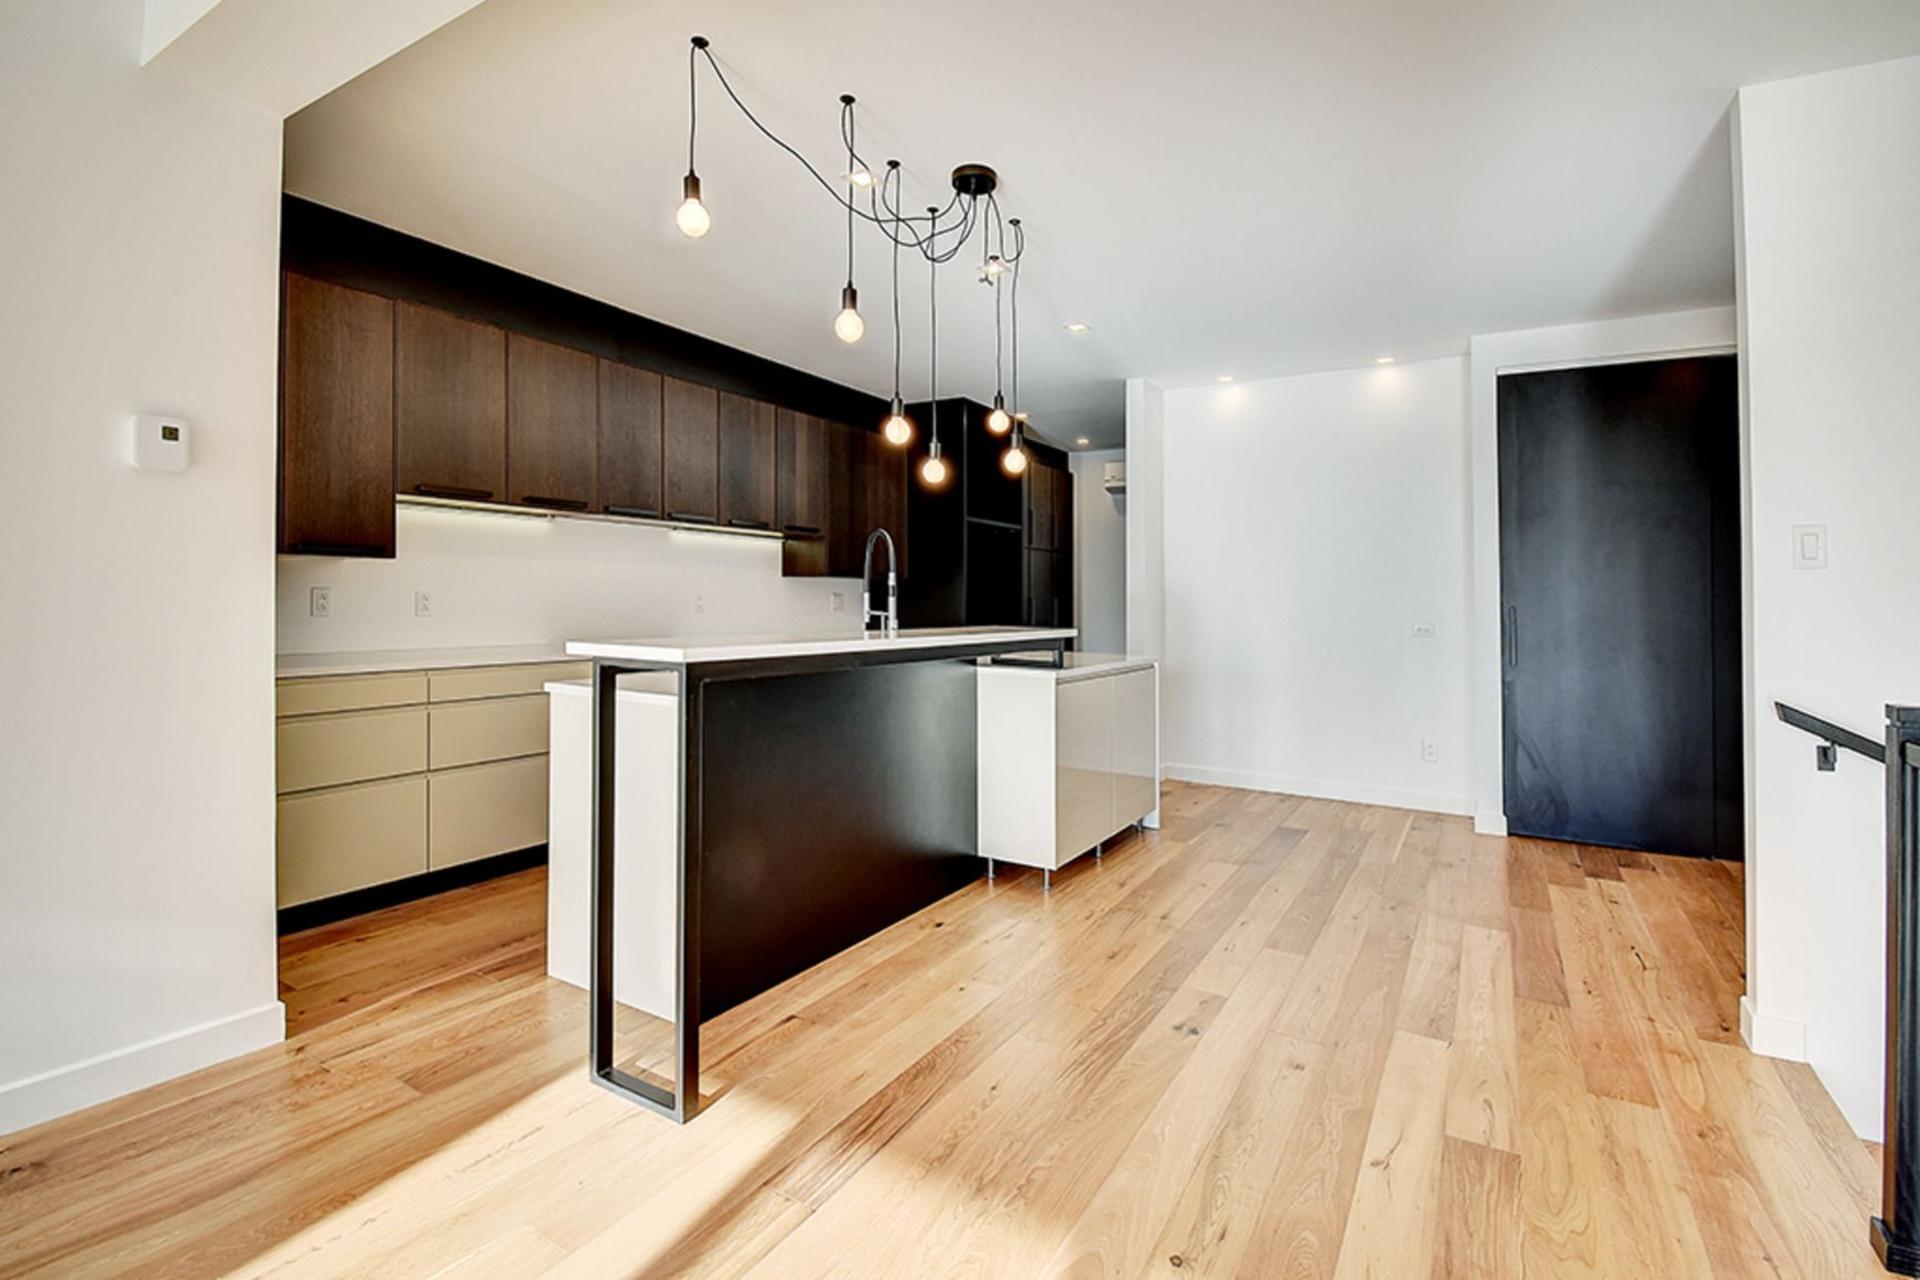 image 6 - Appartement À vendre Le Vieux-Longueuil Longueuil  - 9 pièces